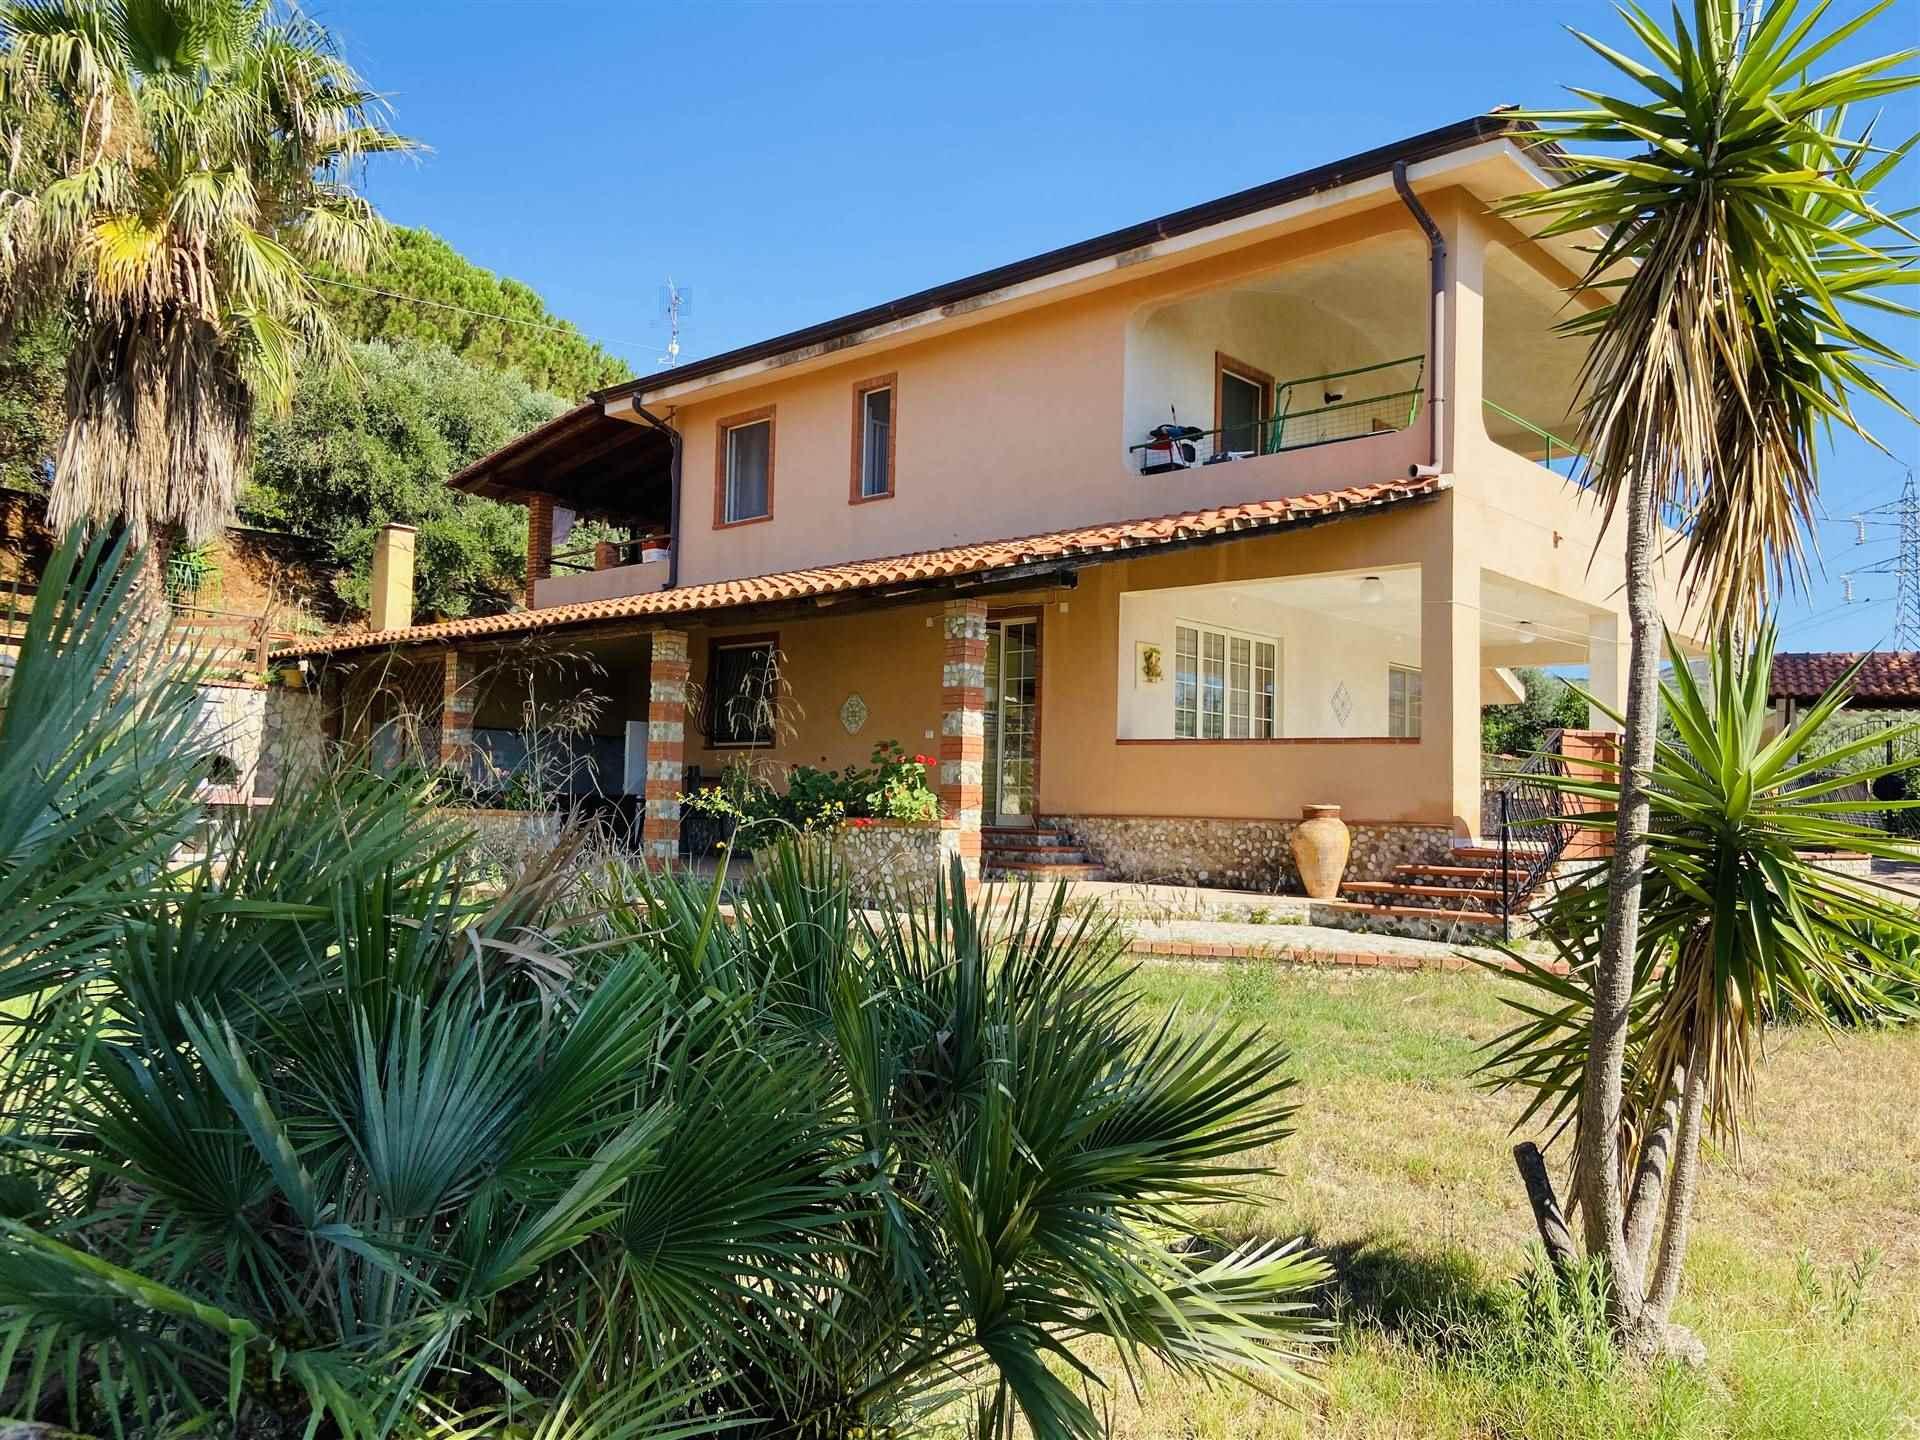 Villa in vendita a Campofelice di Roccella, 8 locali, prezzo € 290.000 | CambioCasa.it